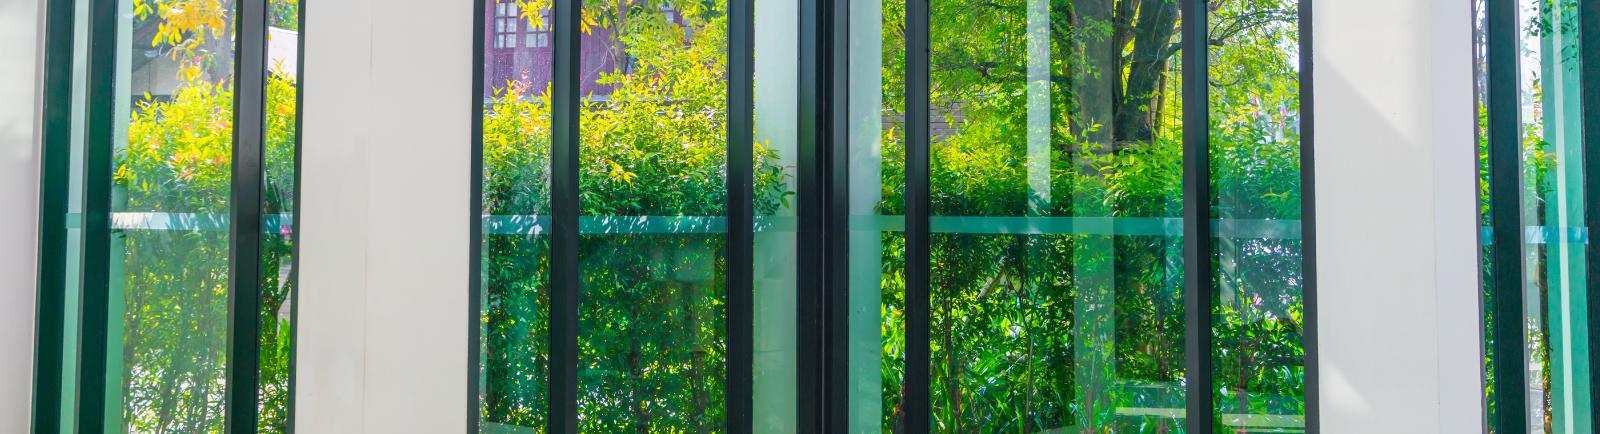 láminas para ventanas hogar